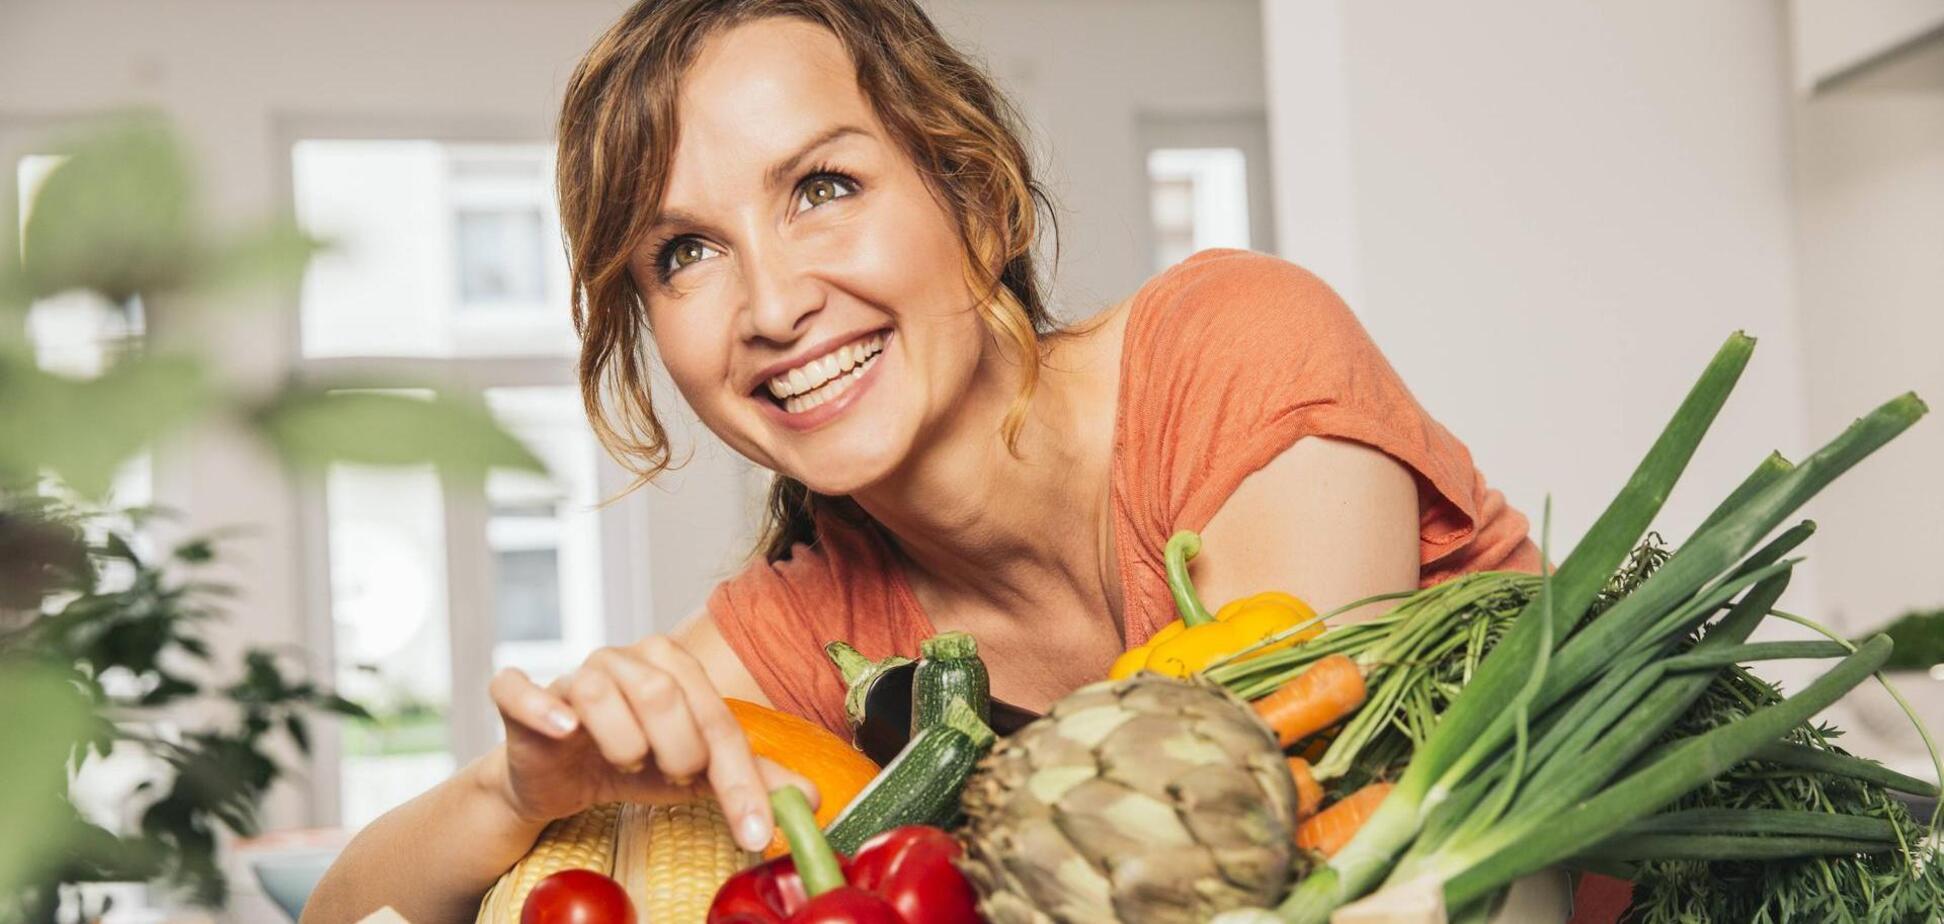 Названы самые полезные продукты для женщин после 40 лет